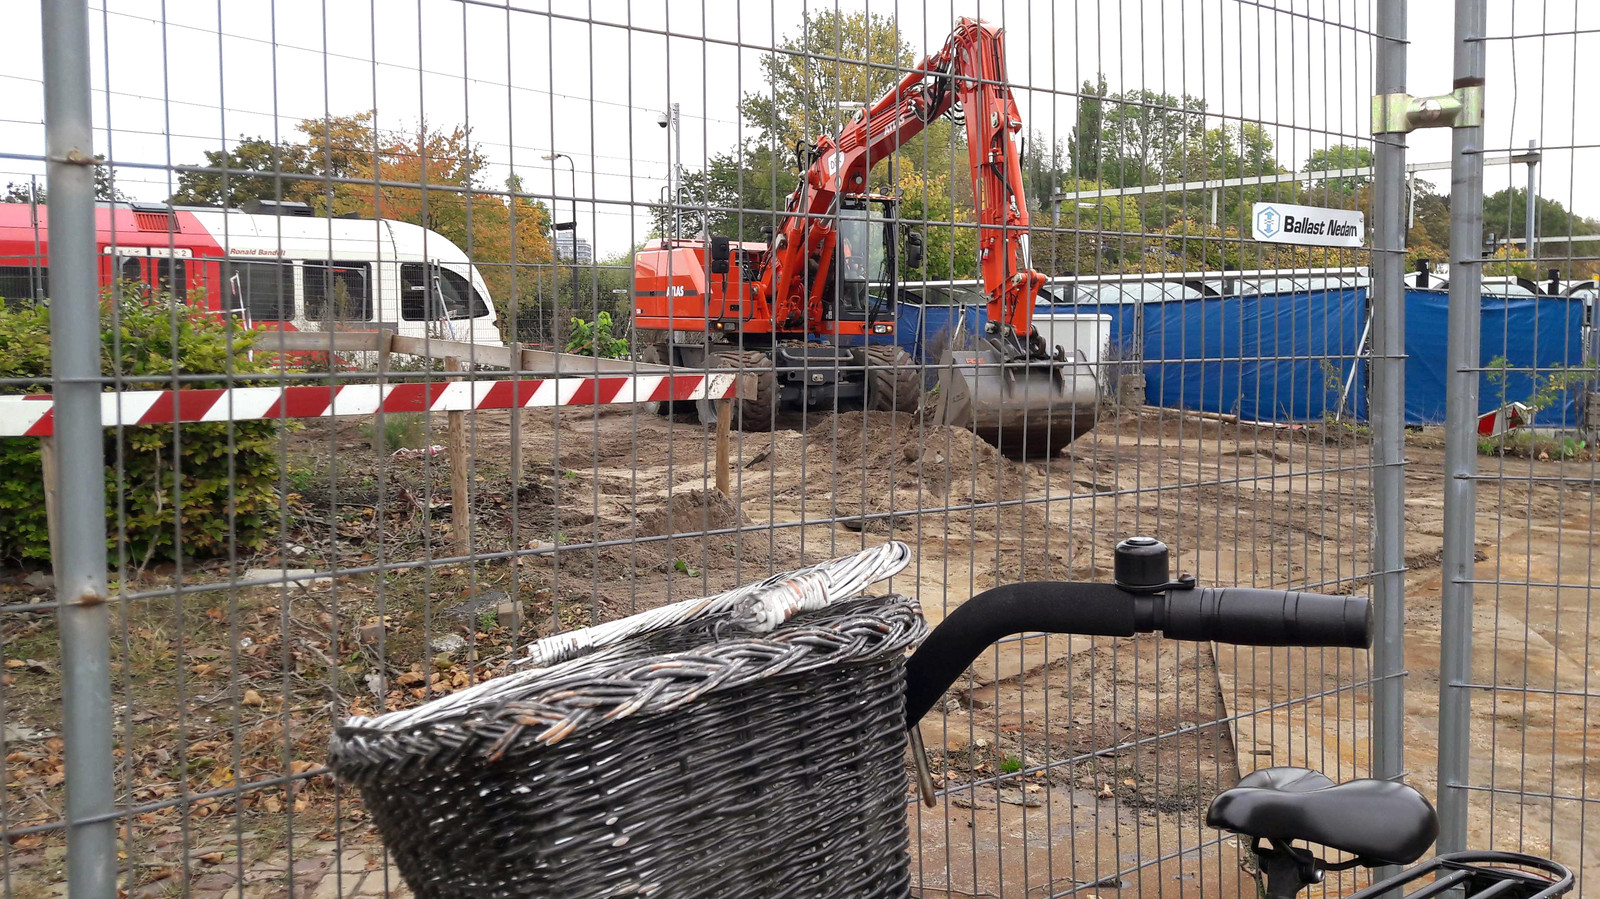 Aannemer Ballast Nedam heeft het werkterrein voor de bouw van de reizigerstunnel opgeruimd. Reiziger parkeren nu nog hun fiets tegen de hekken.